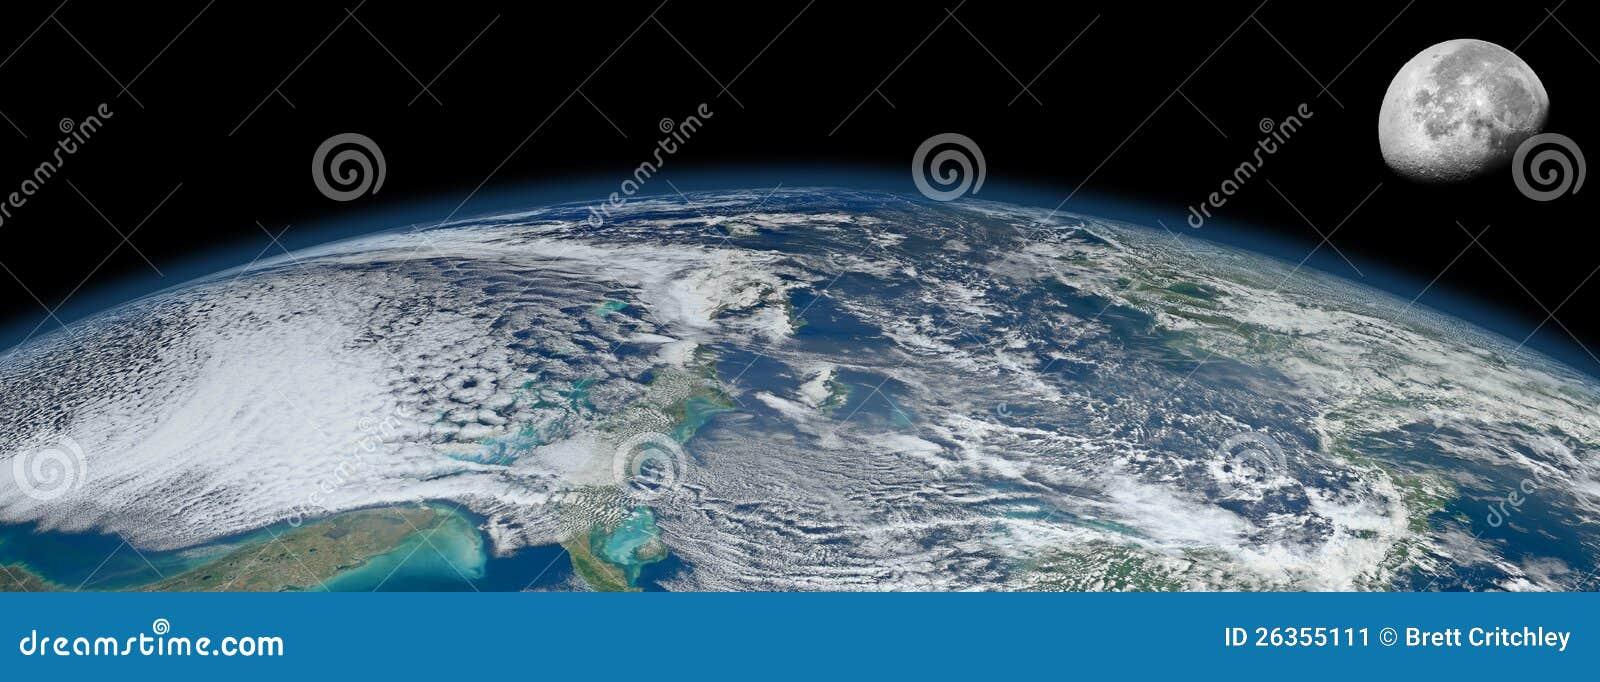 行星地球月亮循轨道运行